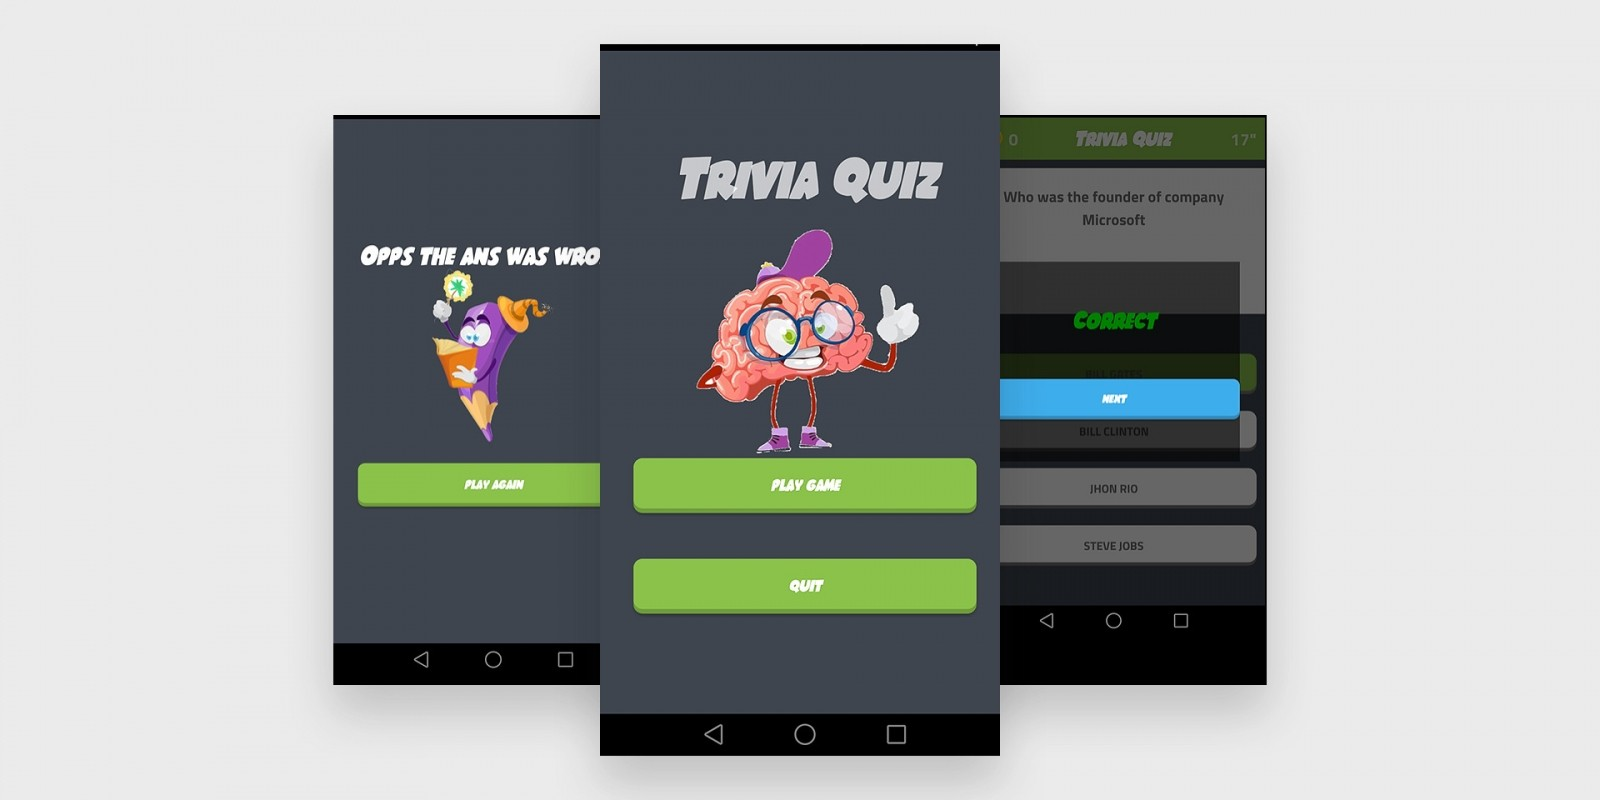 QuizApp - Android Studio Source Code